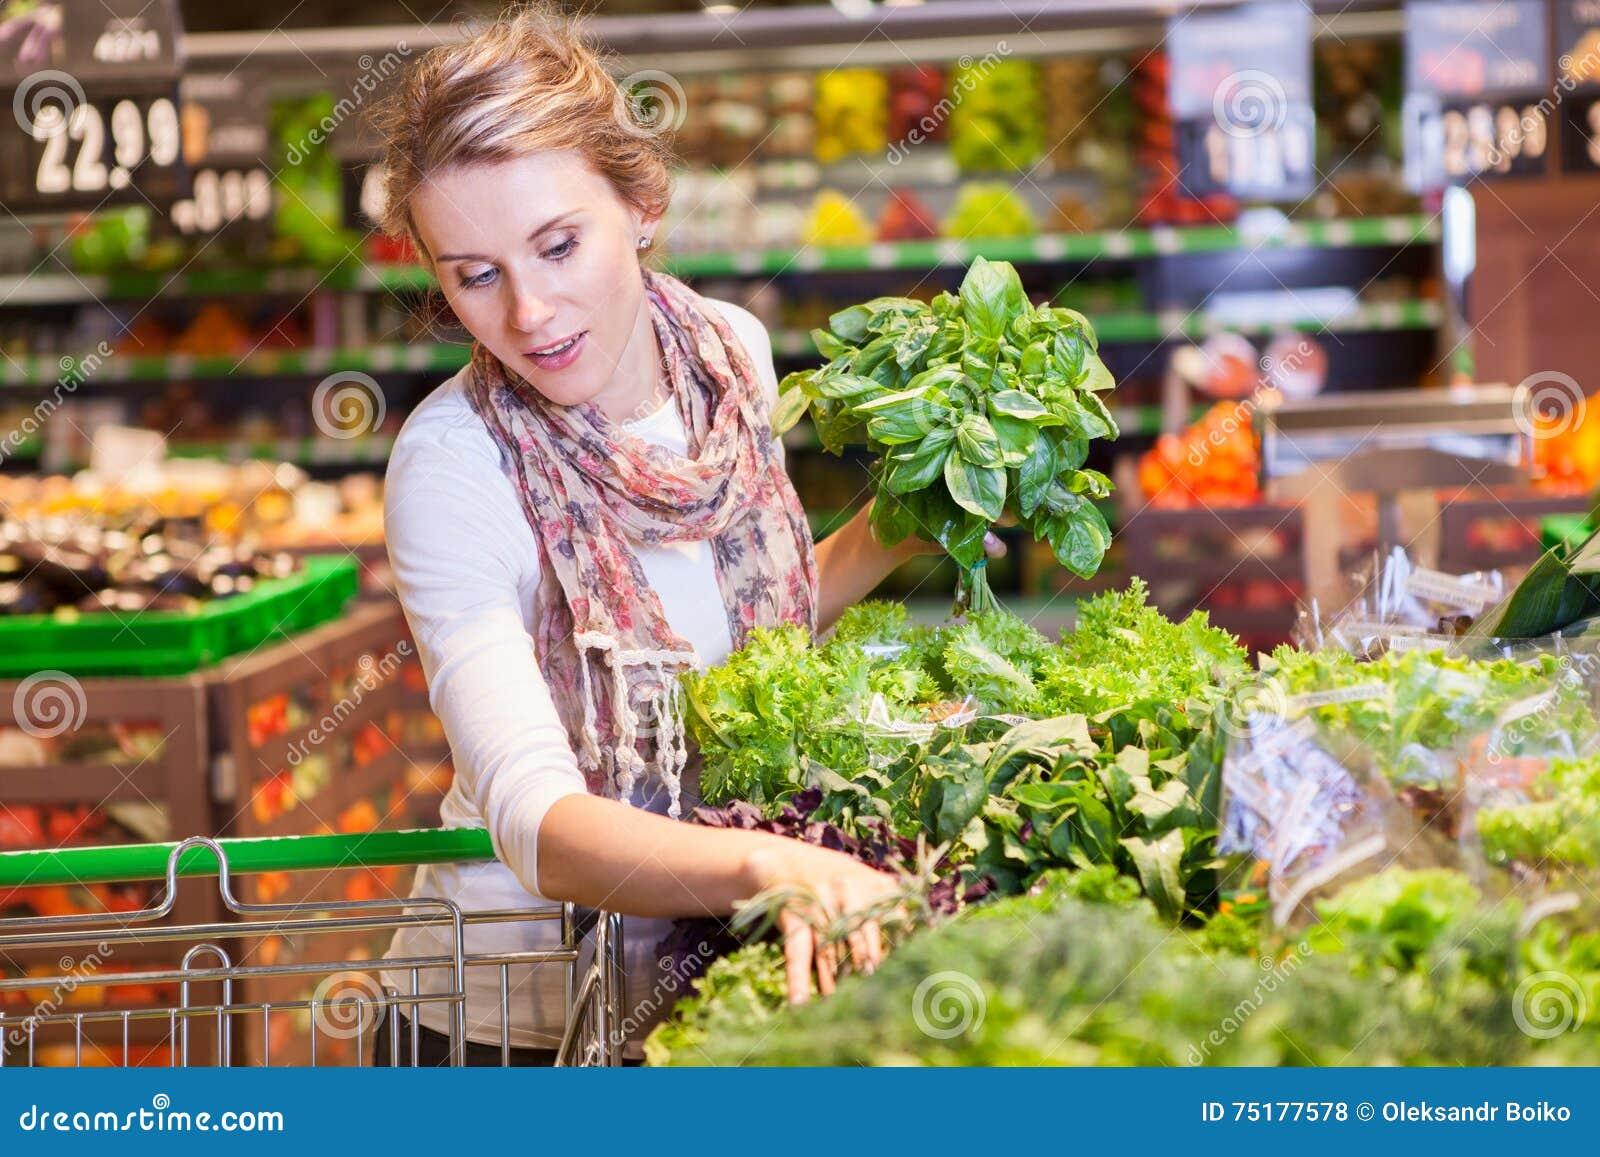 Portret van mooie jonge vrouw die groene bladgroente kiezen